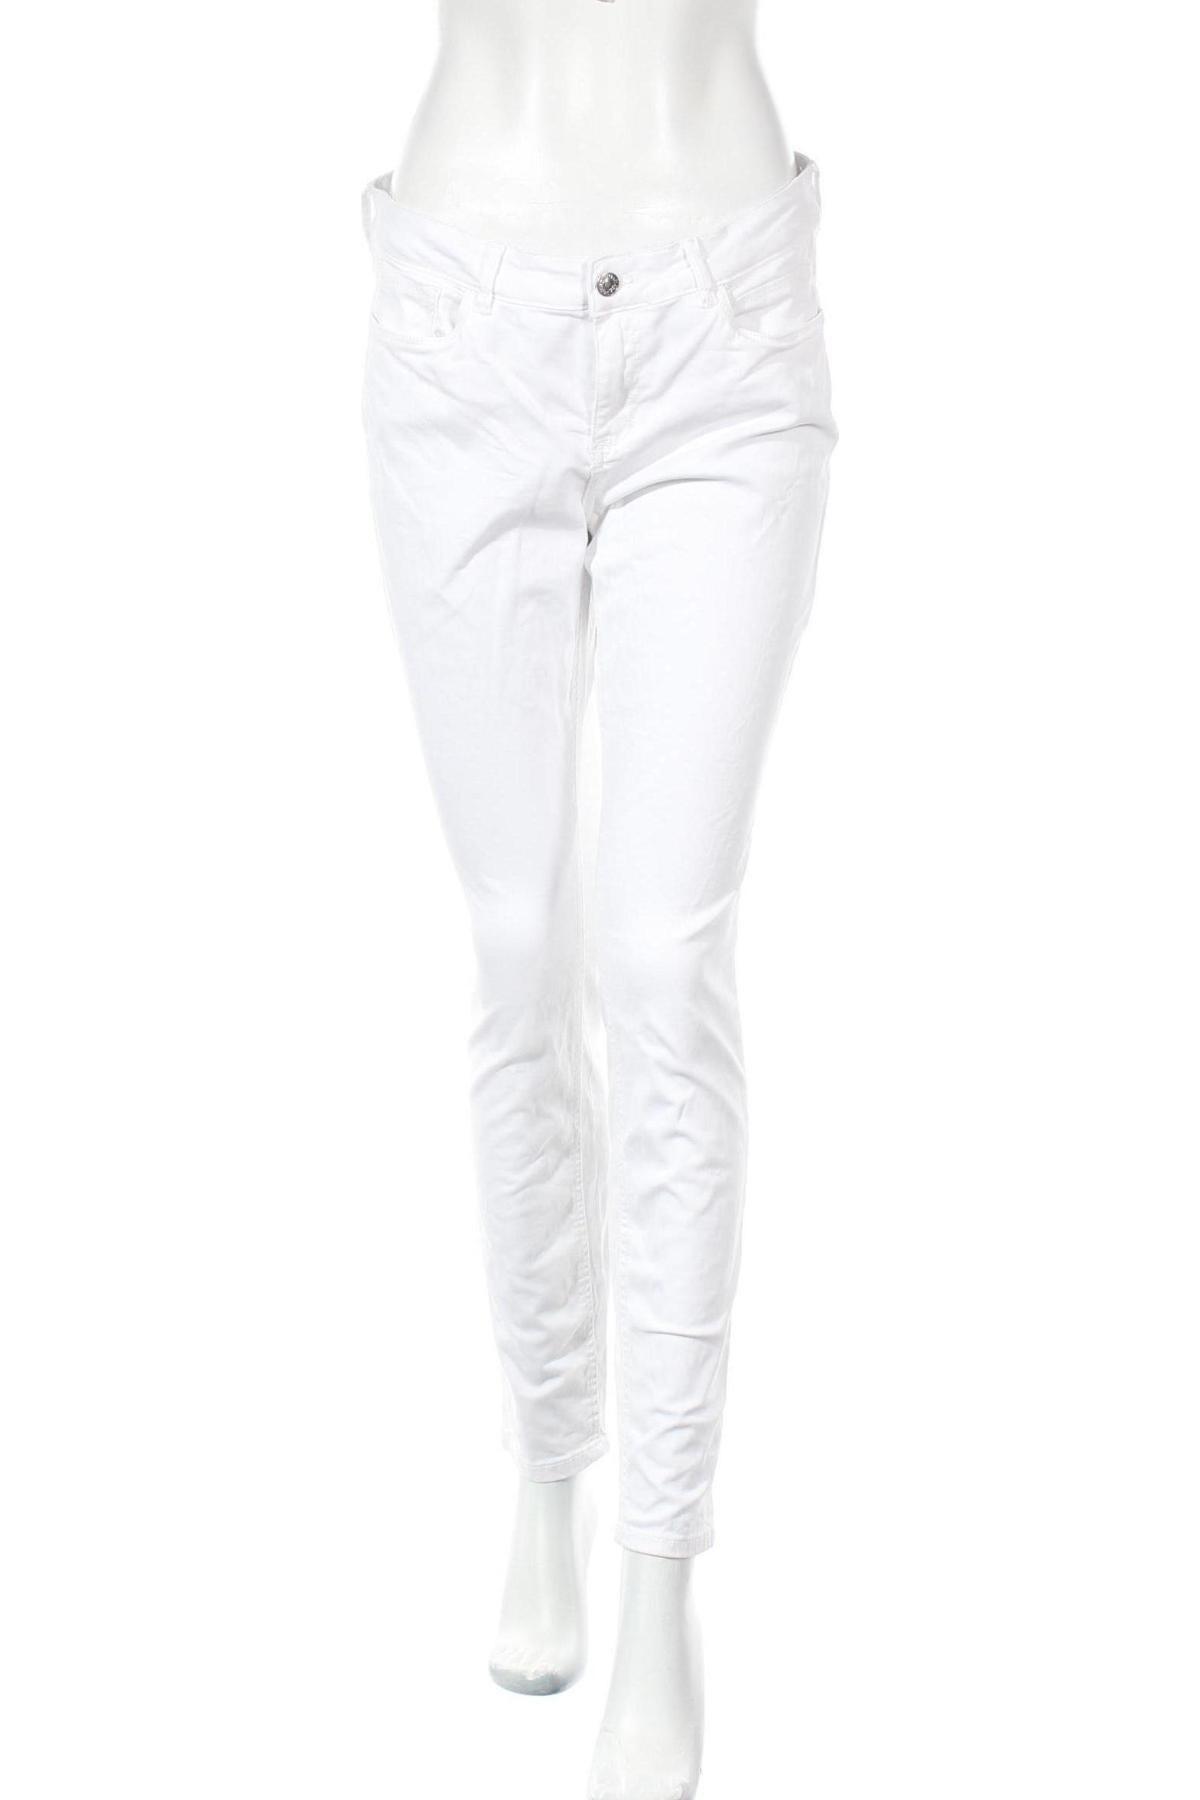 Дамски дънки Tom Tailor, Размер L, Цвят Бял, 98% памук, 2% еластан, Цена 34,20лв.